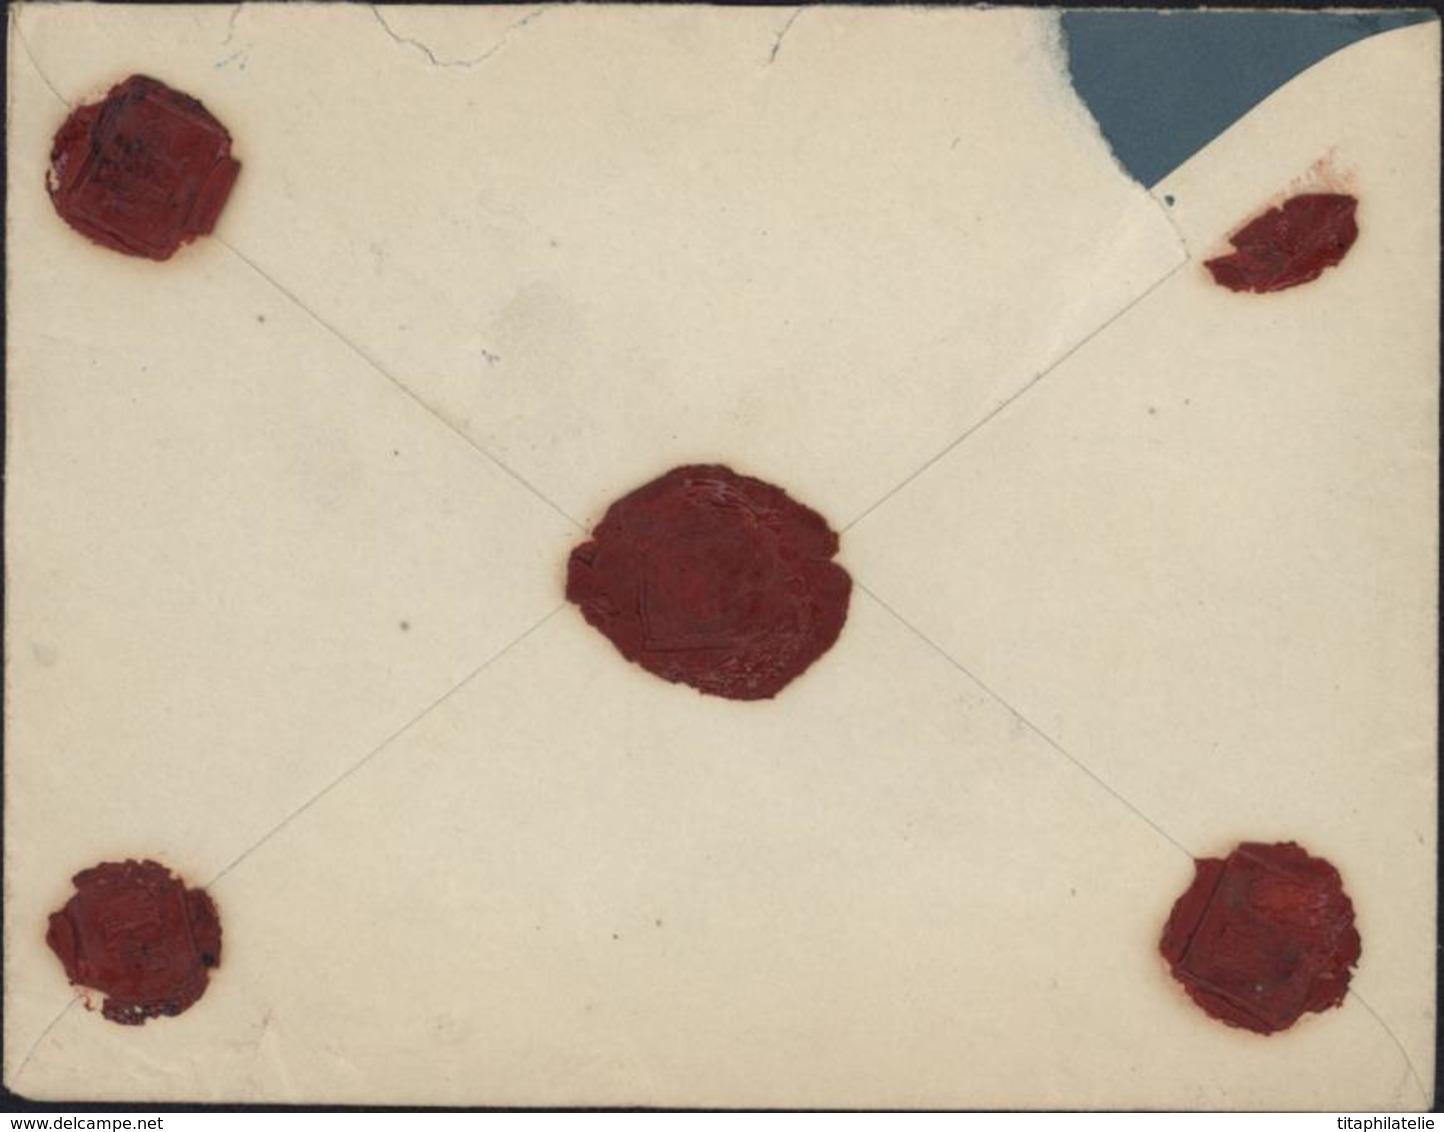 Entier Enveloppe Papier Bleu Intérieur Semeuse Camée 10c Rouge Recommandé Chargée Valeur Déclarée 1000F YT 193 205 237 - Postal Stamped Stationery